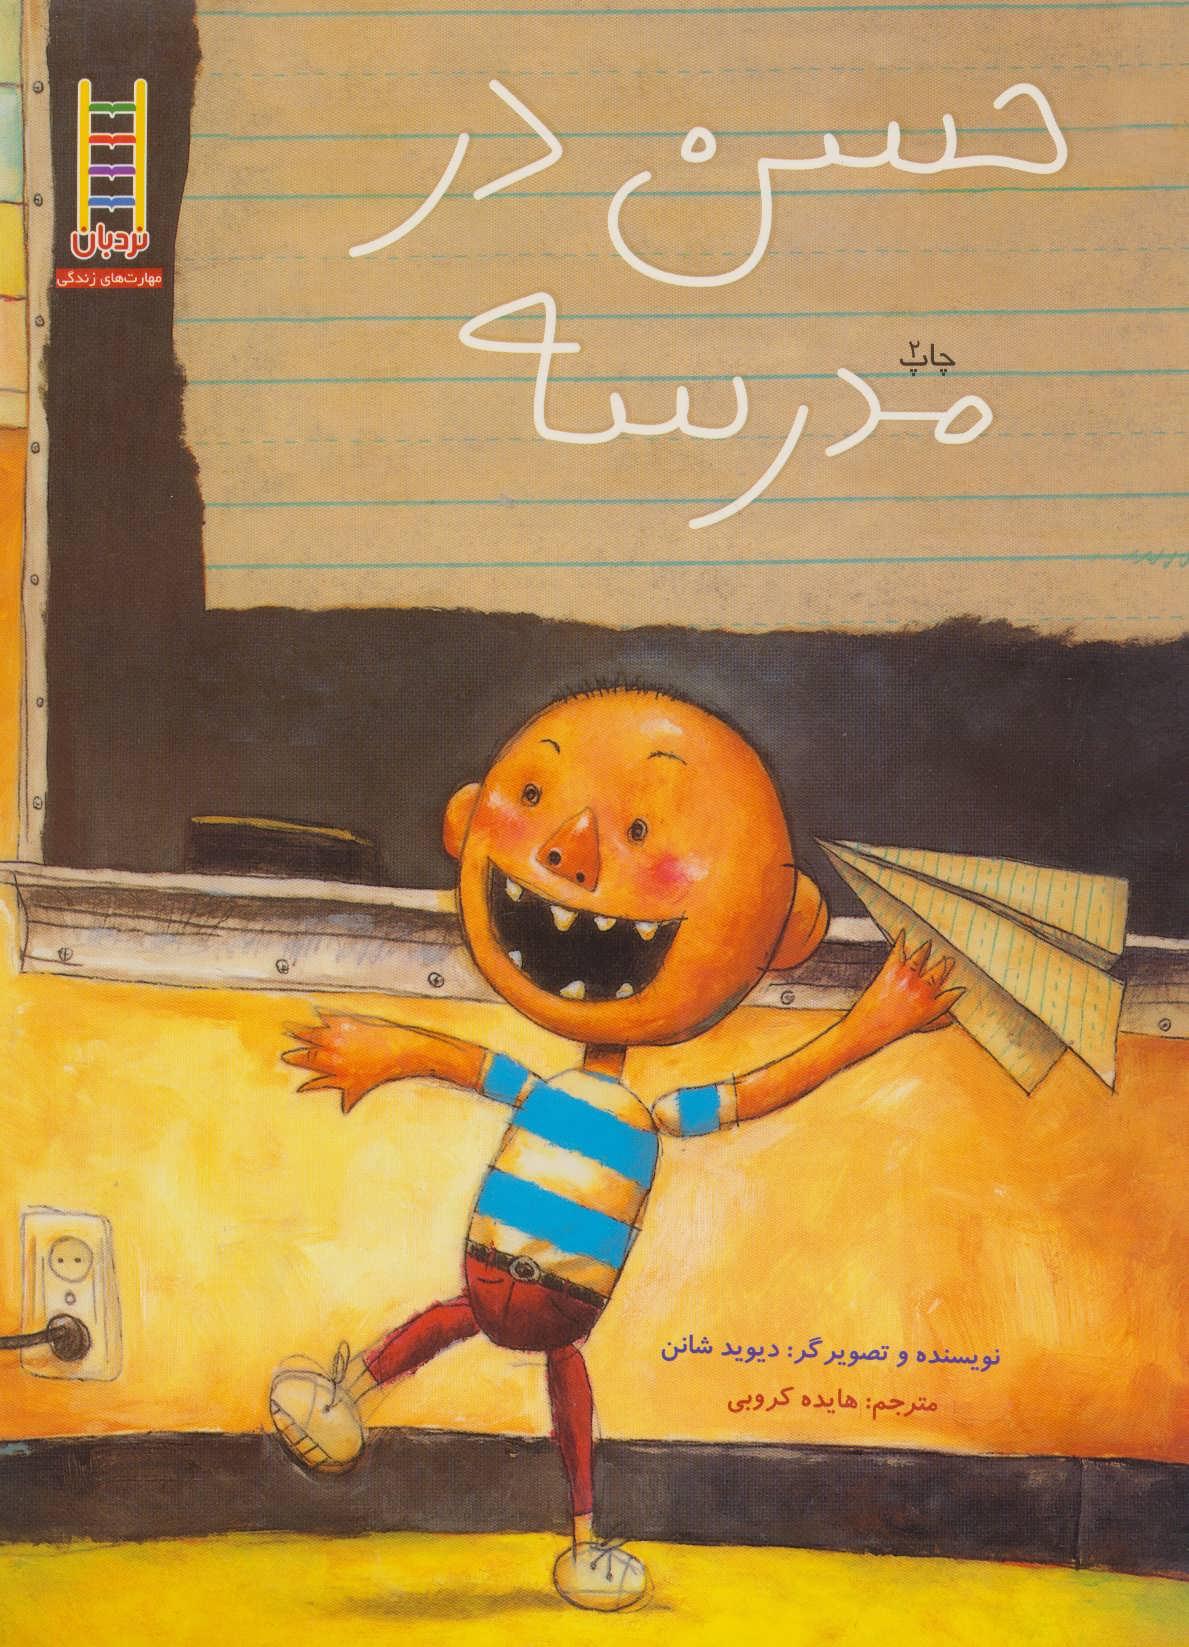 کتاب حسن در مدرسه